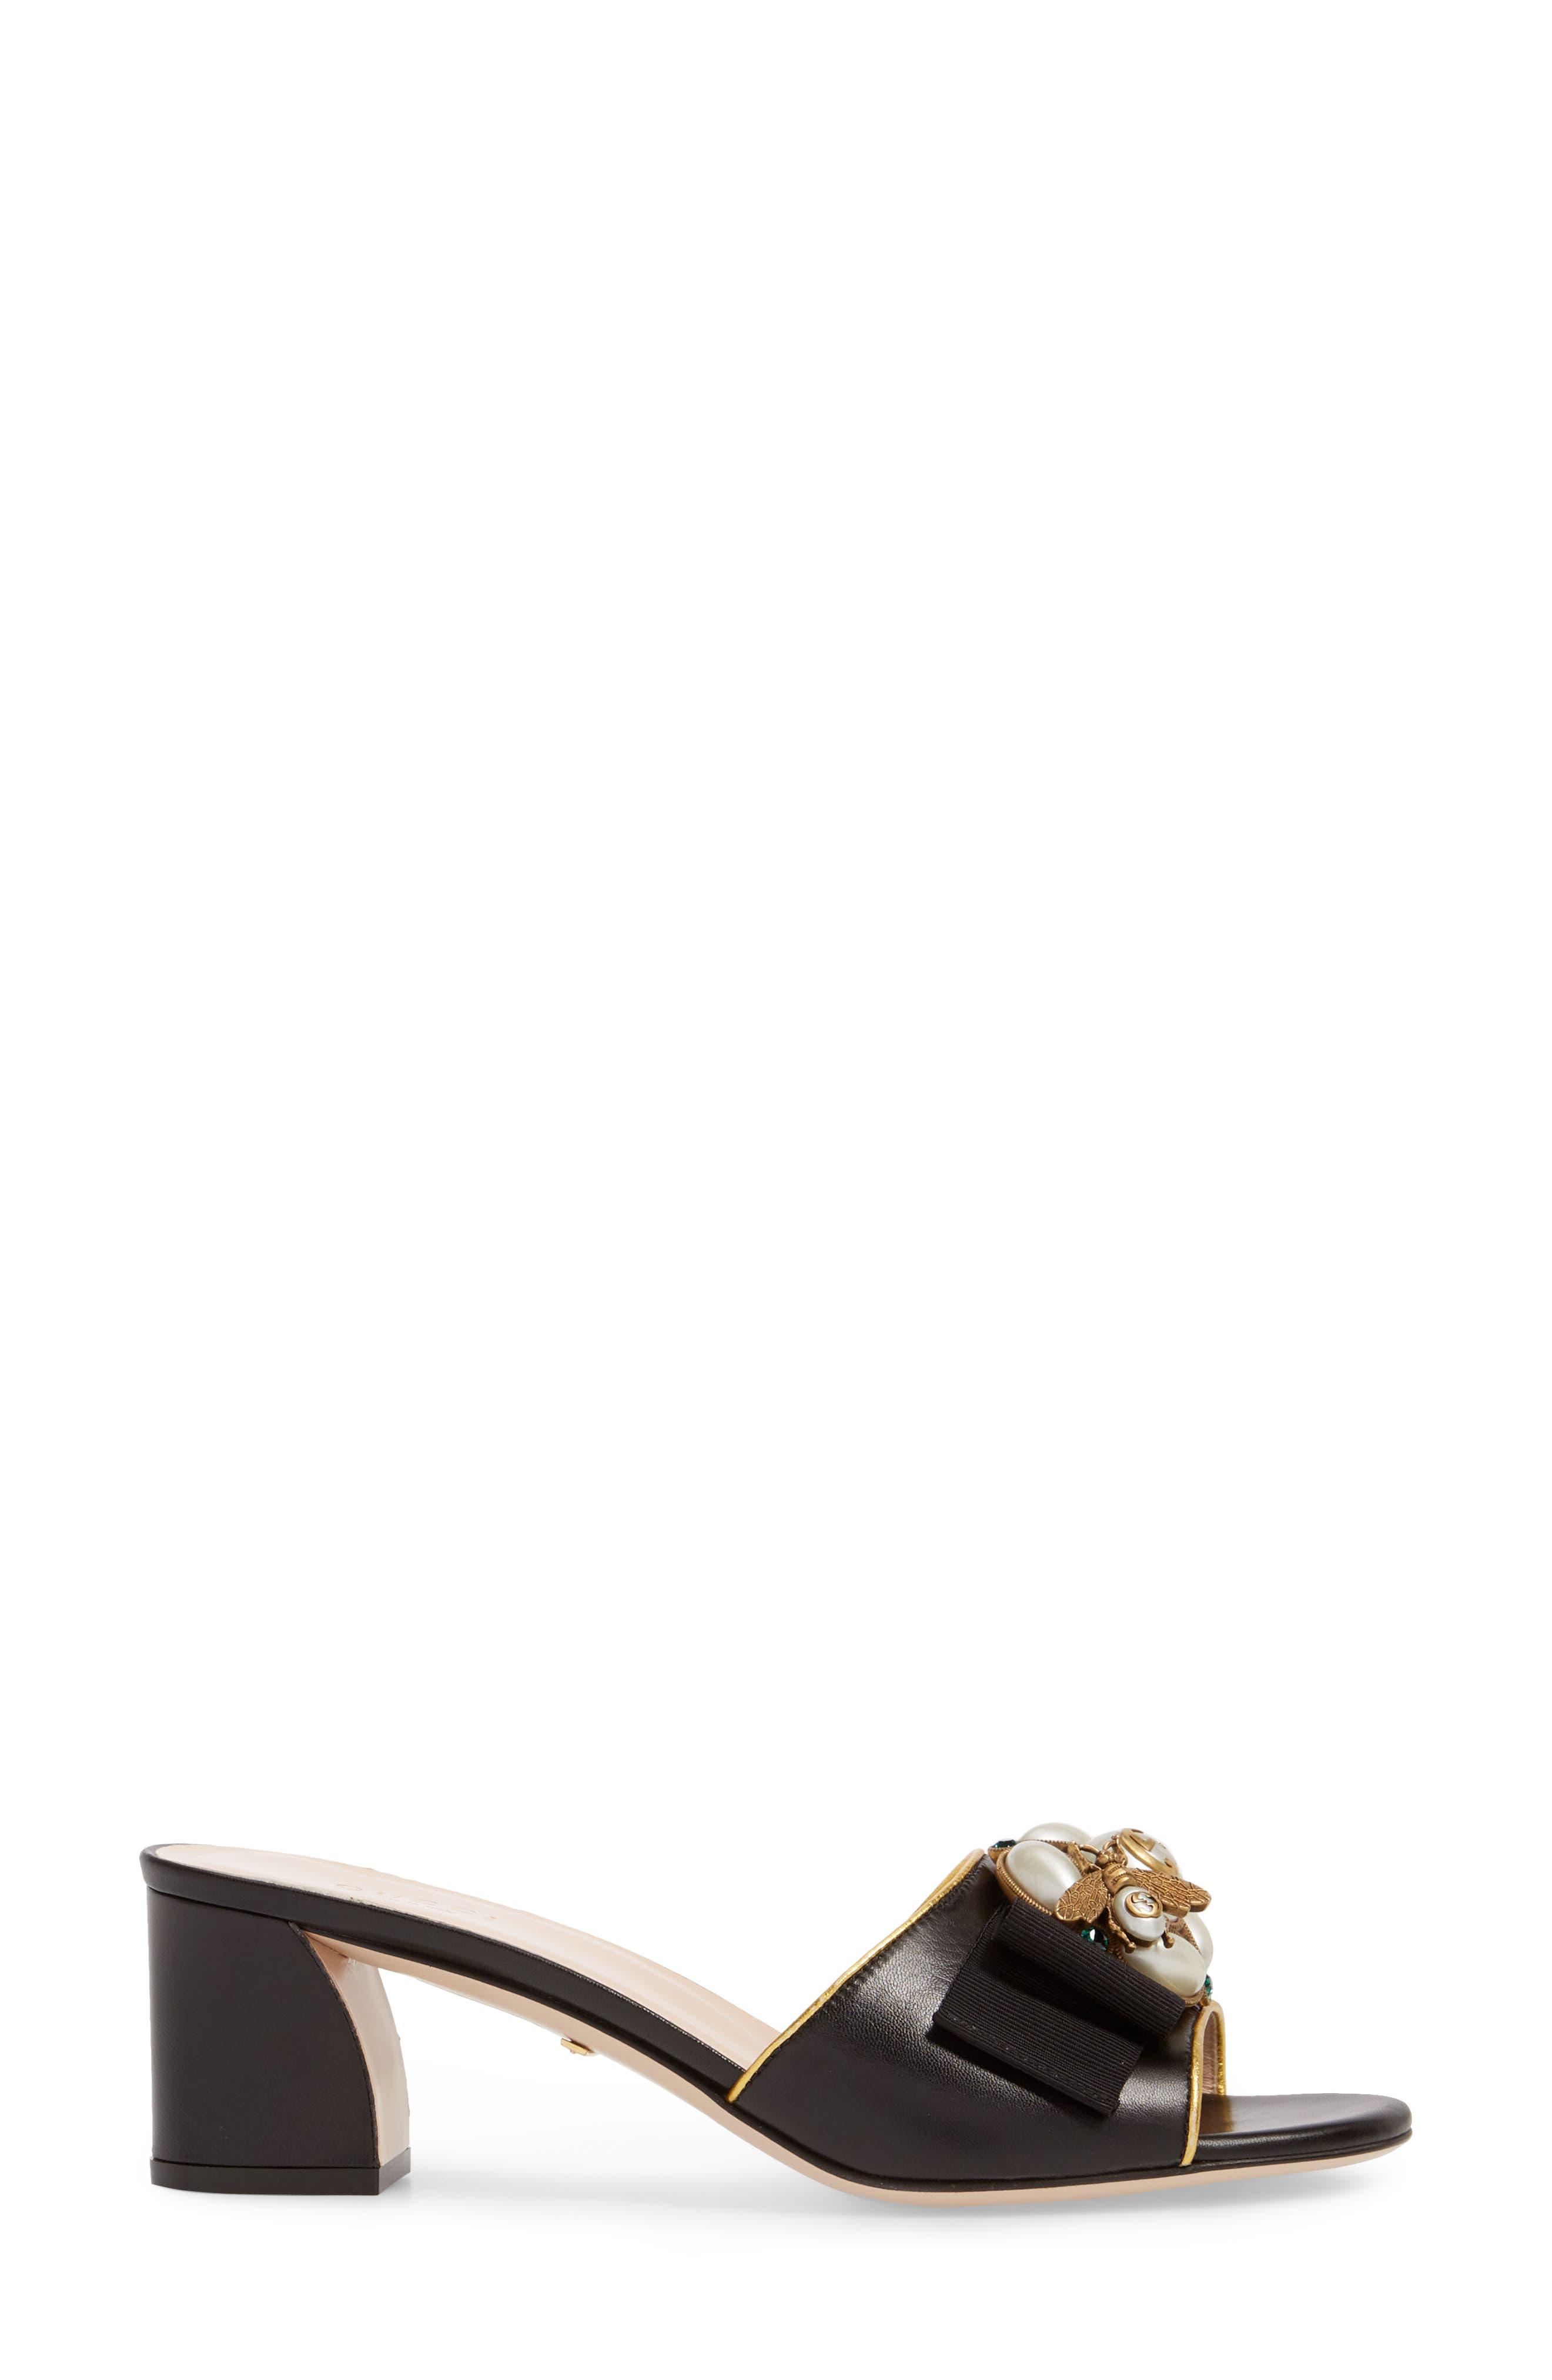 Bee Embellished Slide Sandal,                             Alternate thumbnail 3, color,                             002